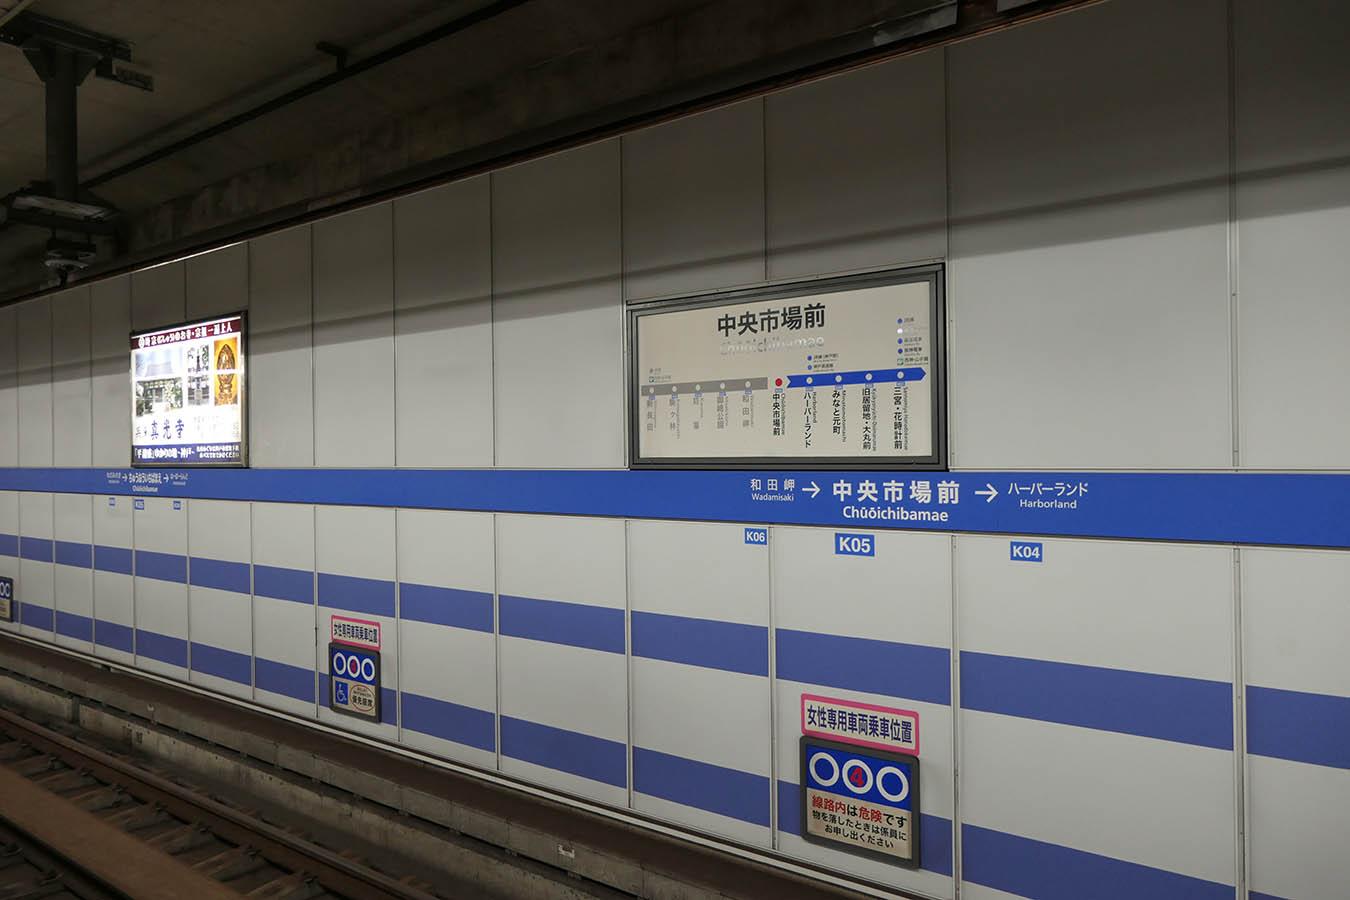 K05_photo01.jpg